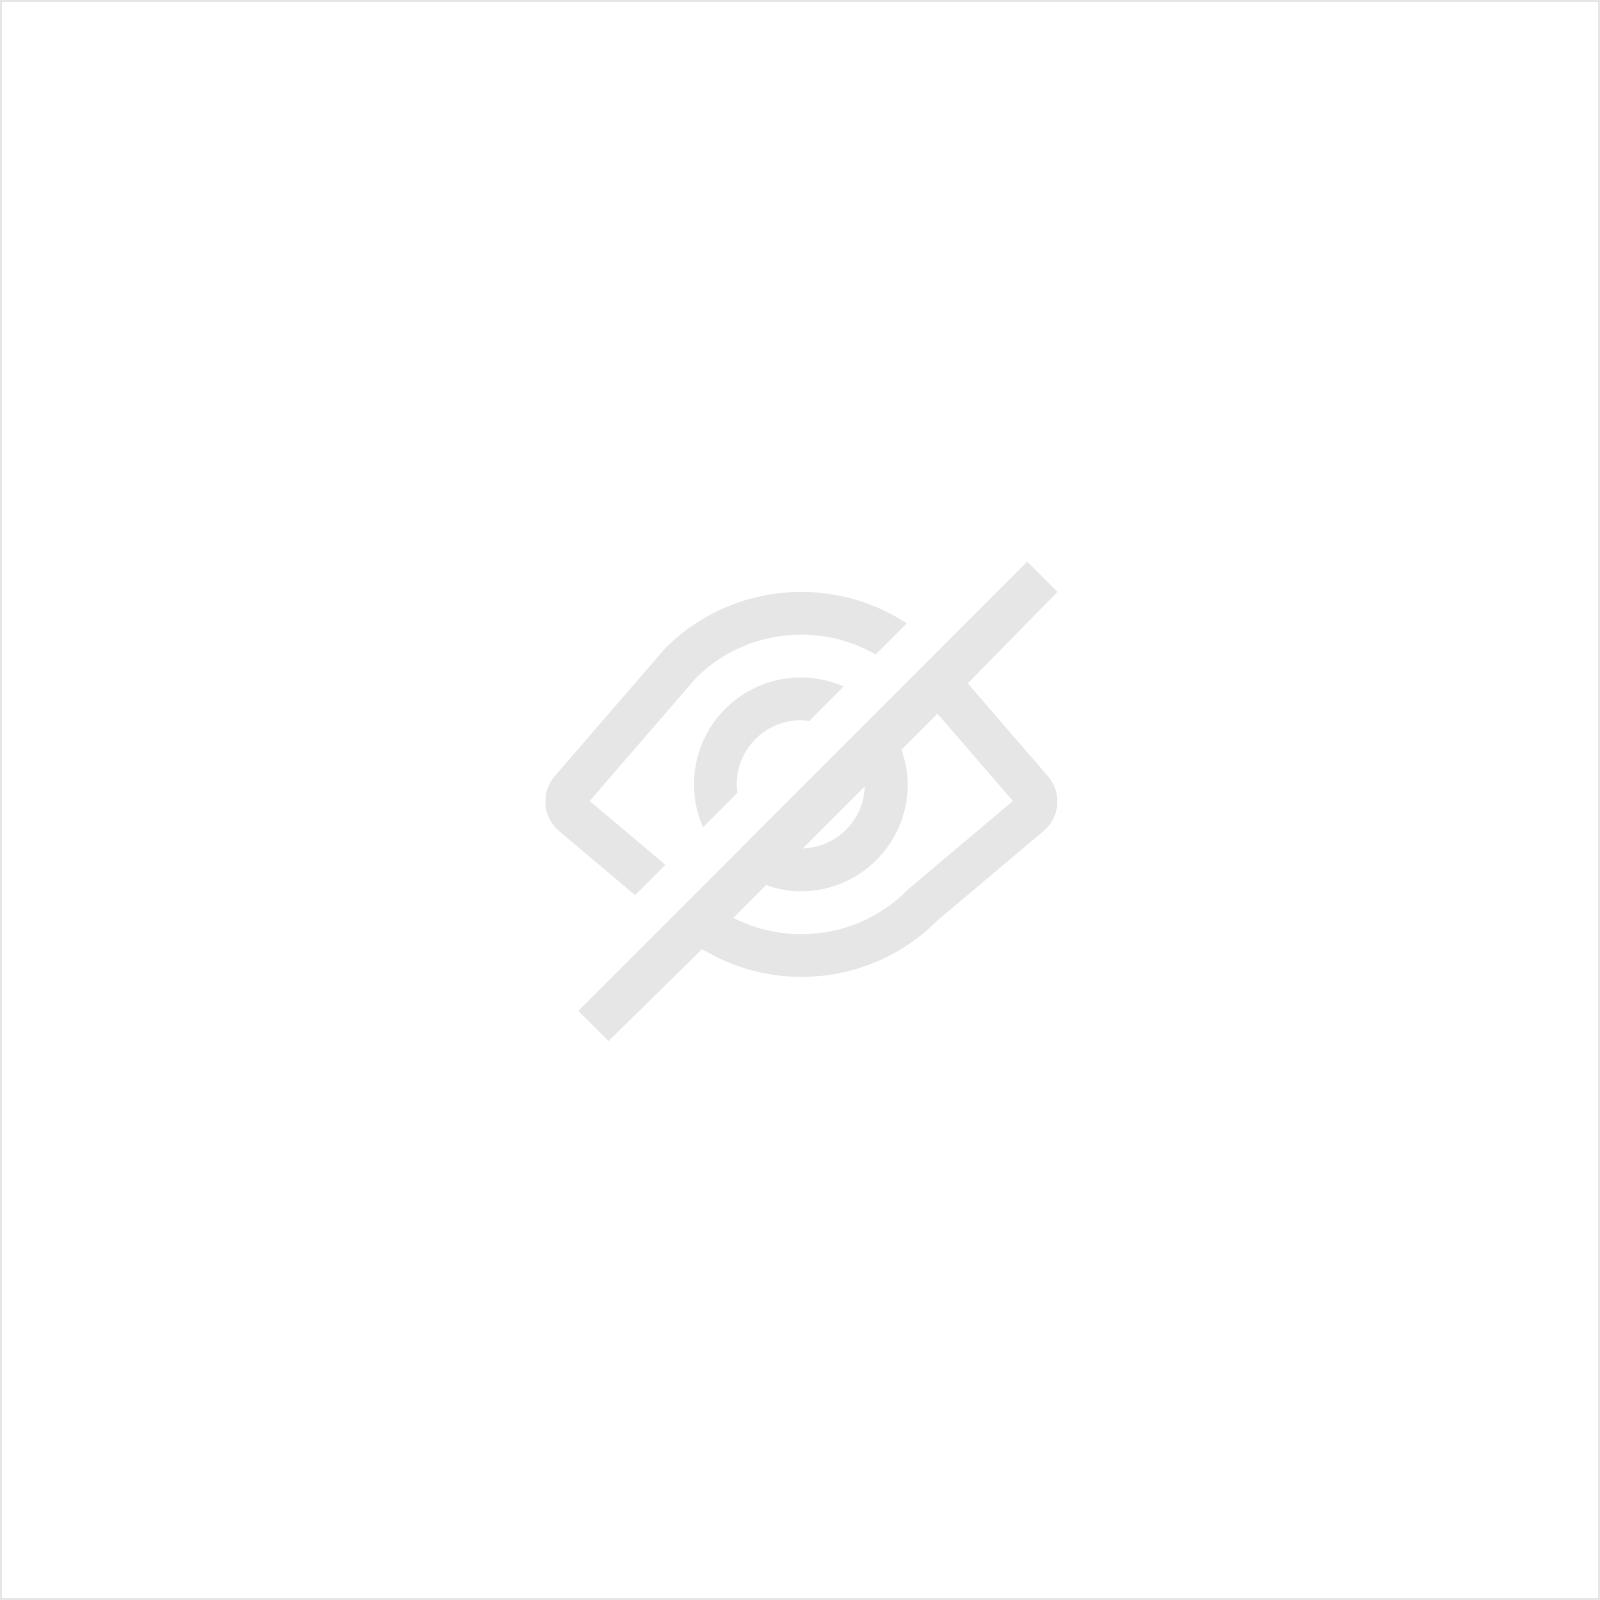 AUTO OPRIJPLAAT ALUMINIUM 2500 x 385 (2 STUKS)